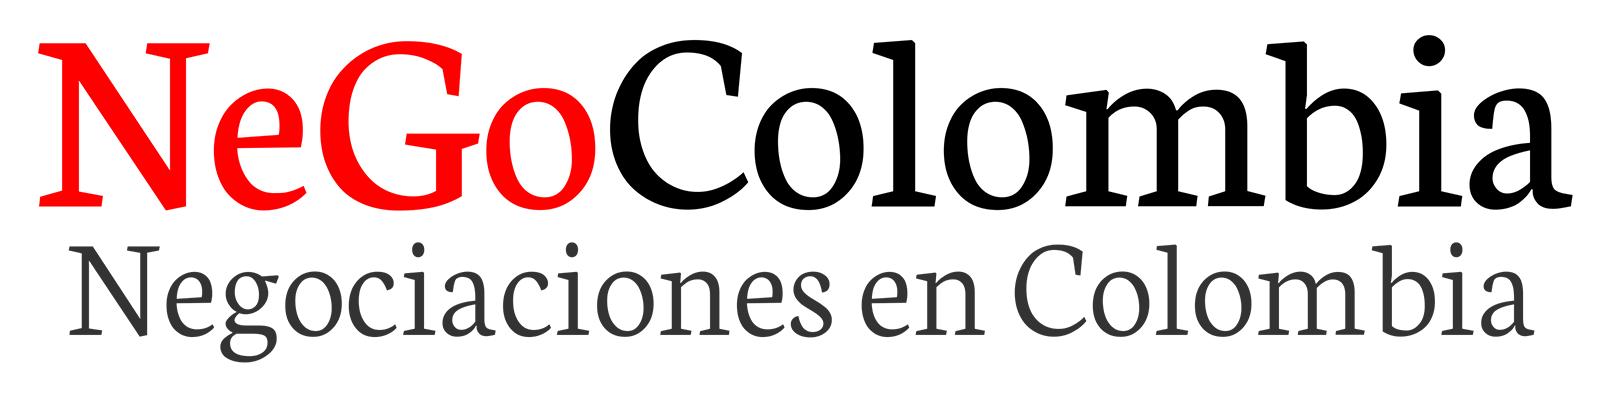 Portada NeGo Colombia